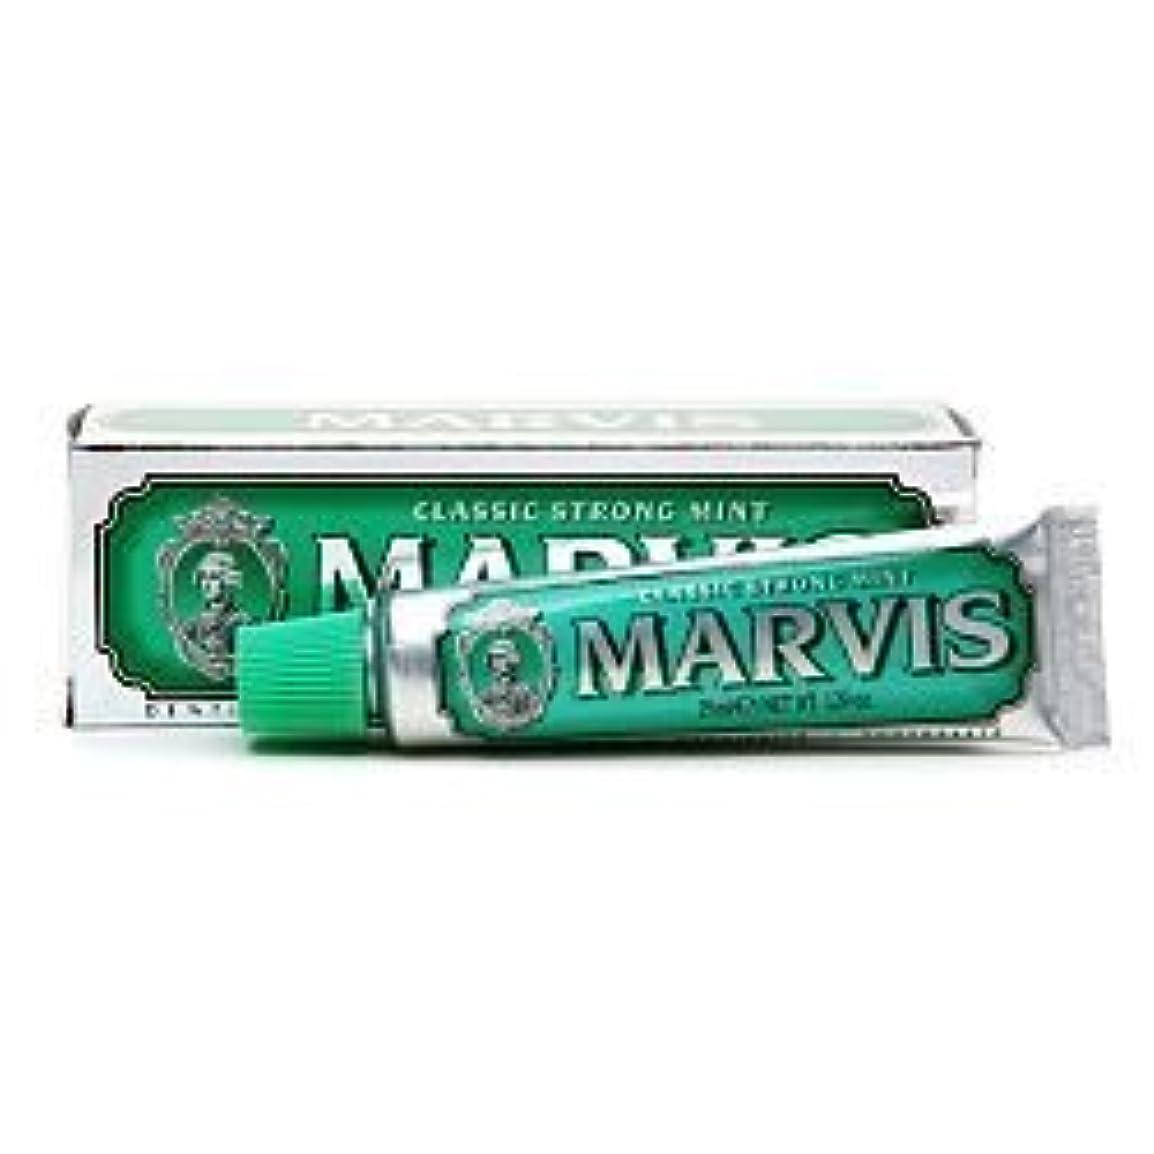 アミューズライラックアミューズMarvis Travel Sized Toothpaste, Classic Strong Mint 1.29 oz (25 ml) (Qunatity of 4) by Marvis [並行輸入品]